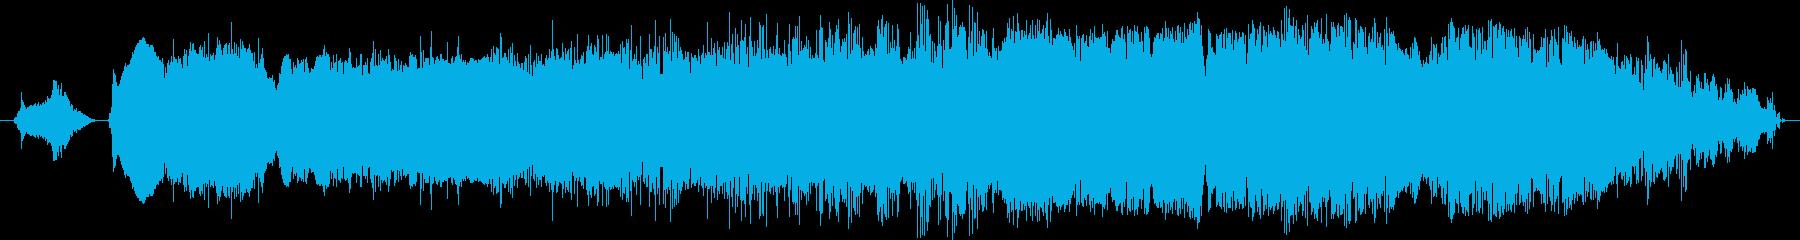 鳴き声 男性の息を吐き出すスクリー...の再生済みの波形